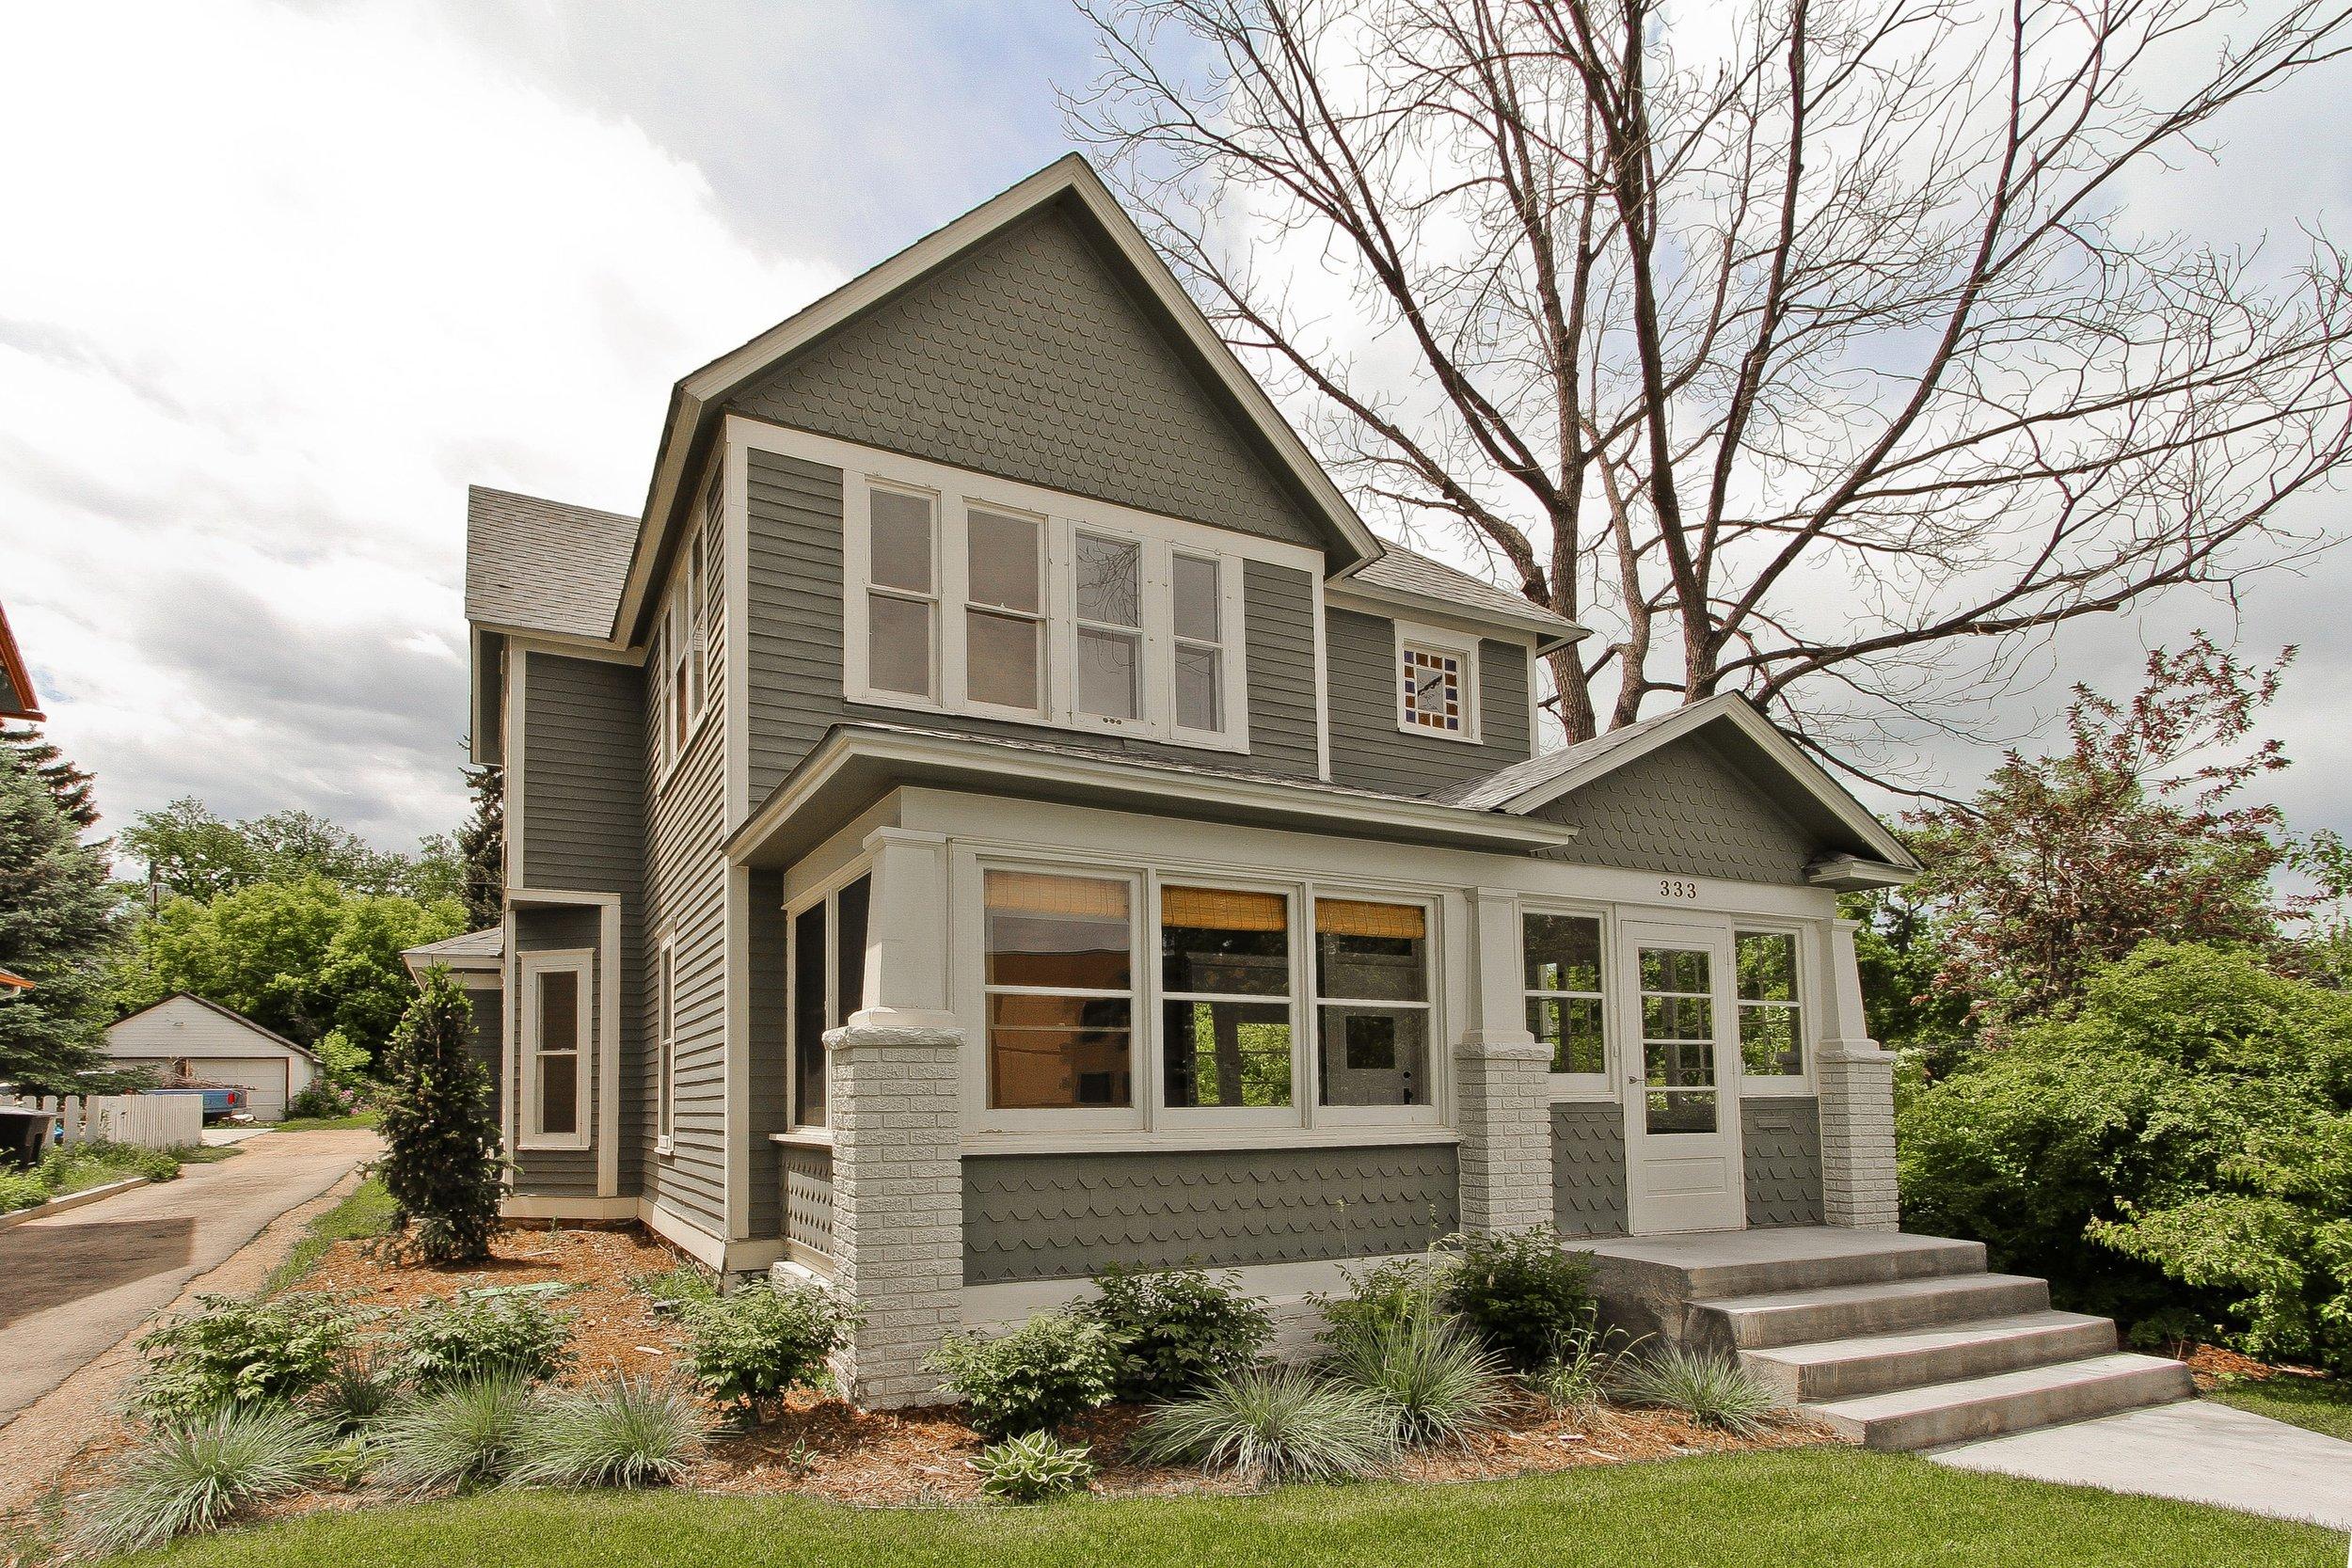 333 Terry Street, Longmont $650,000